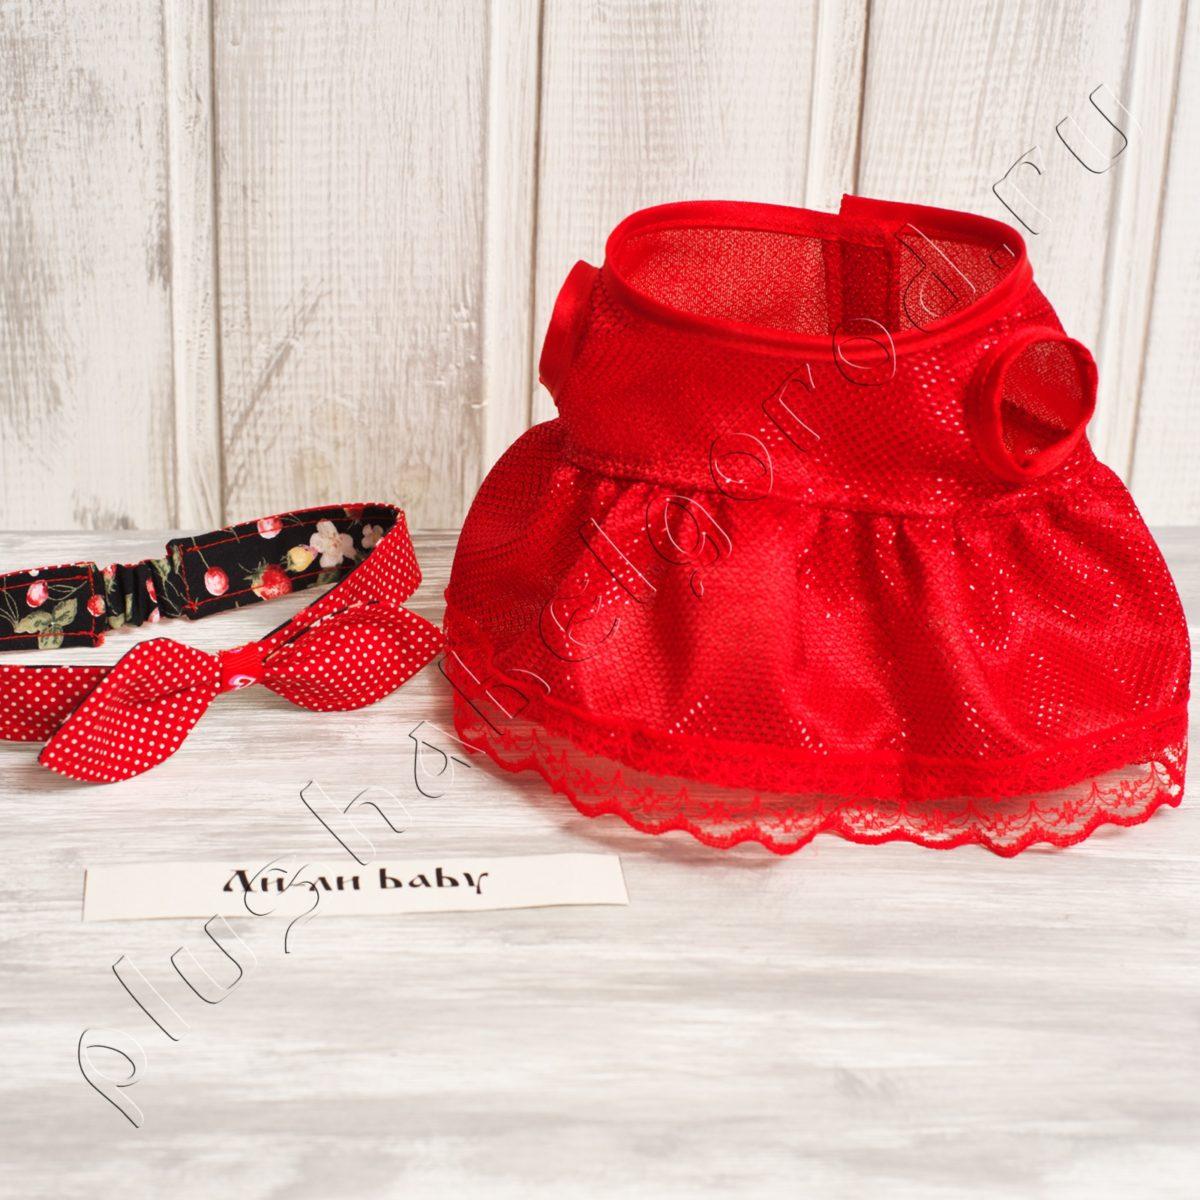 Выгода 50₽! Акция! Платье красное и солоха